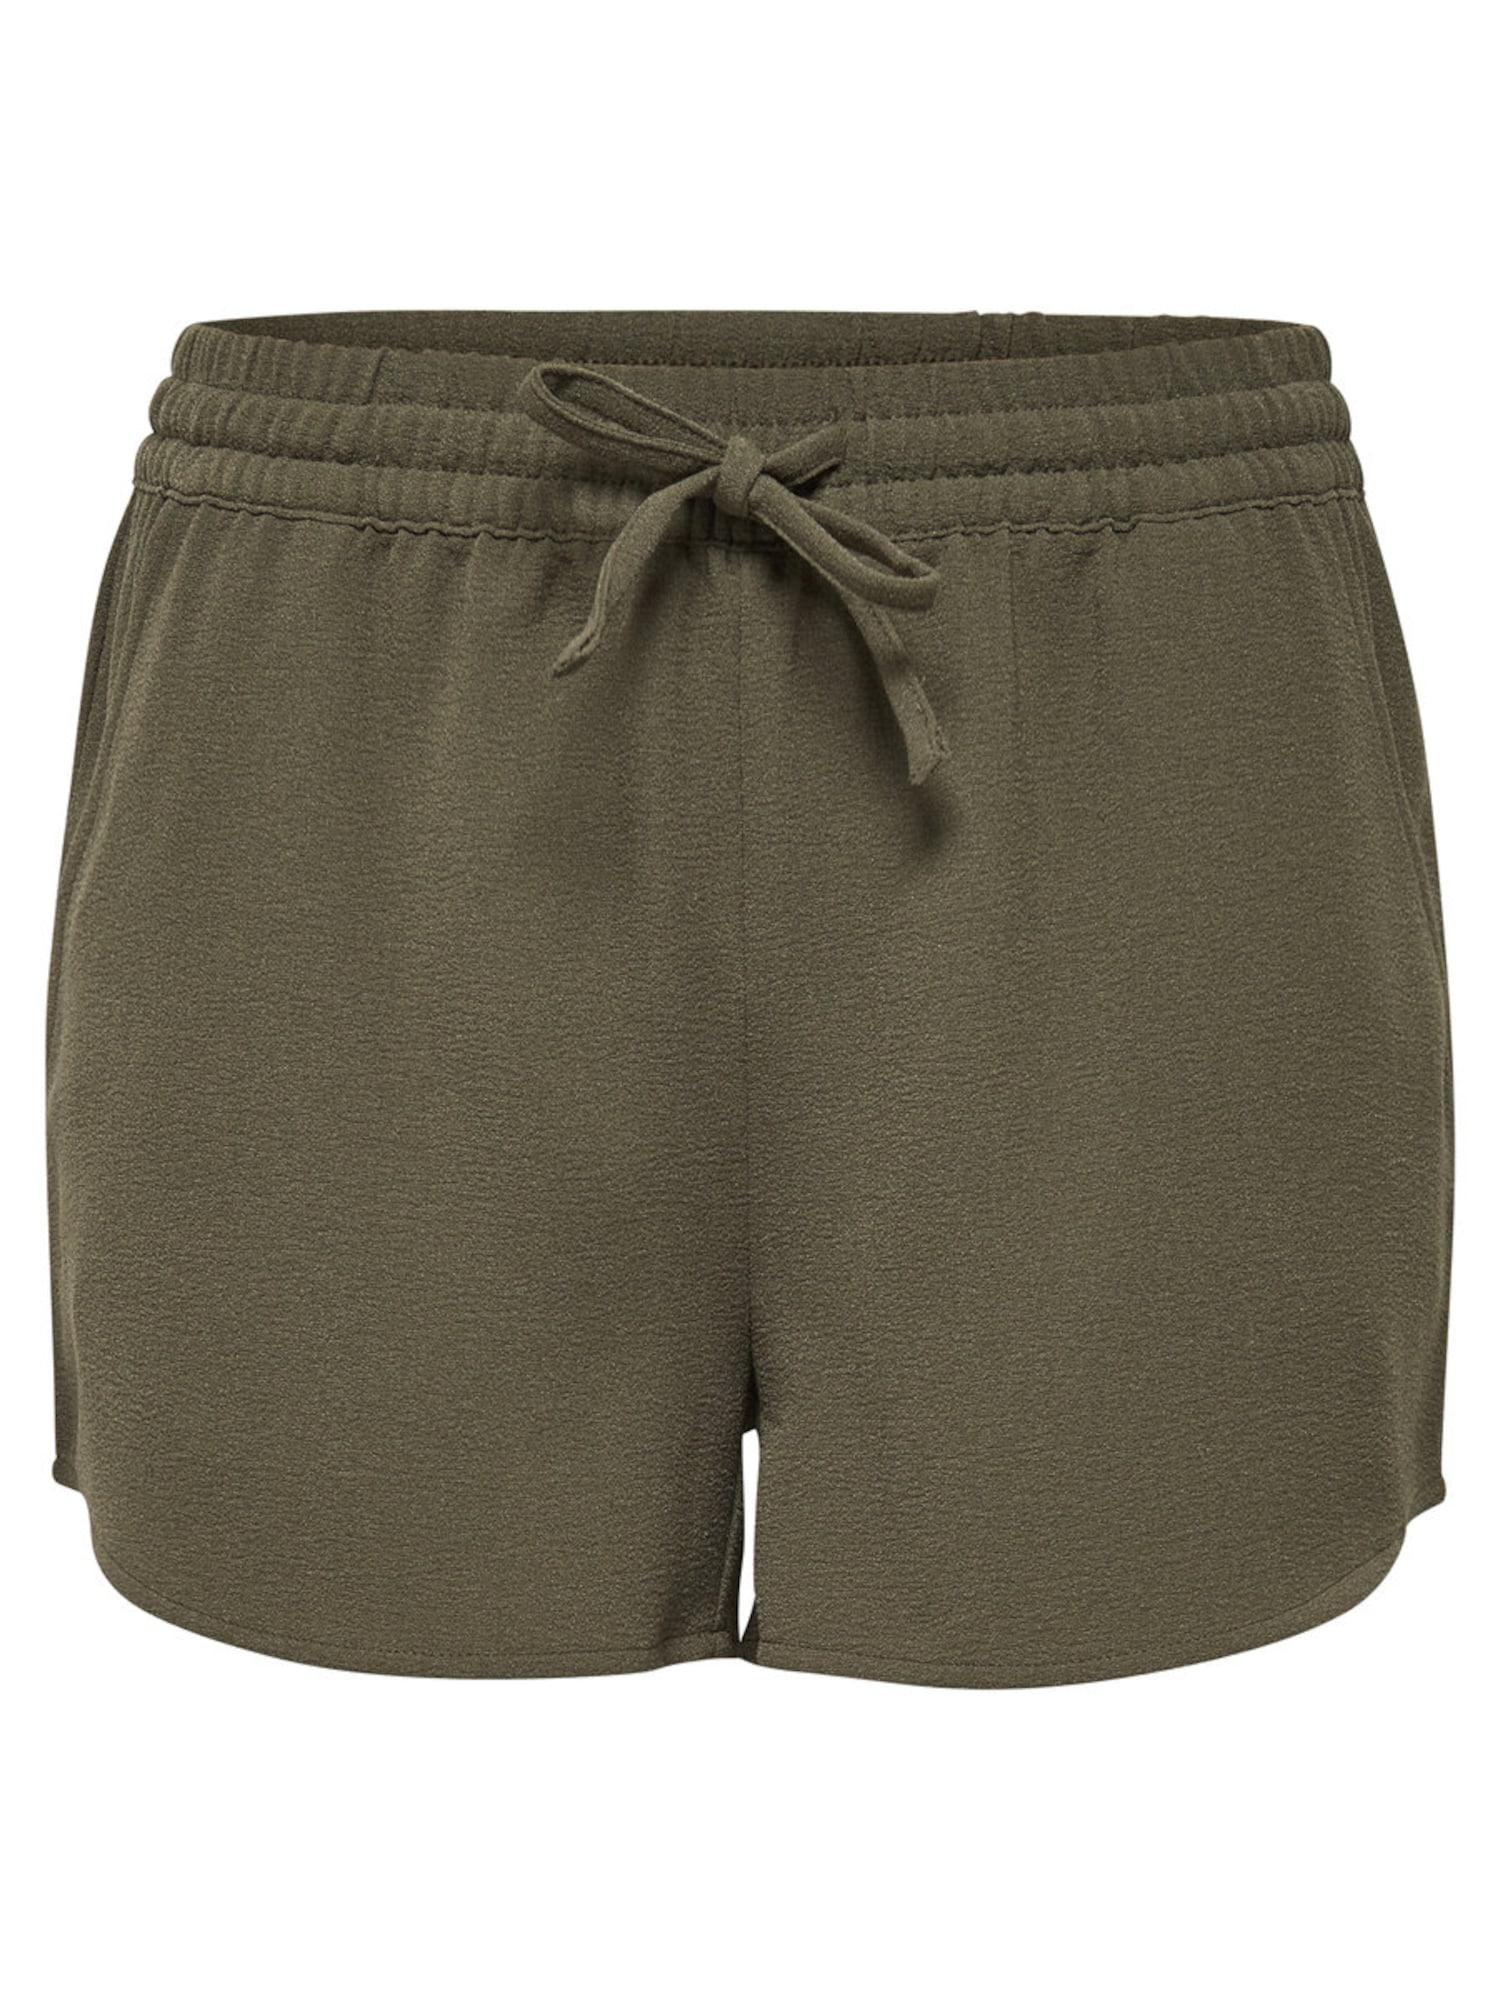 Kalhoty Onlturner khaki ONLY